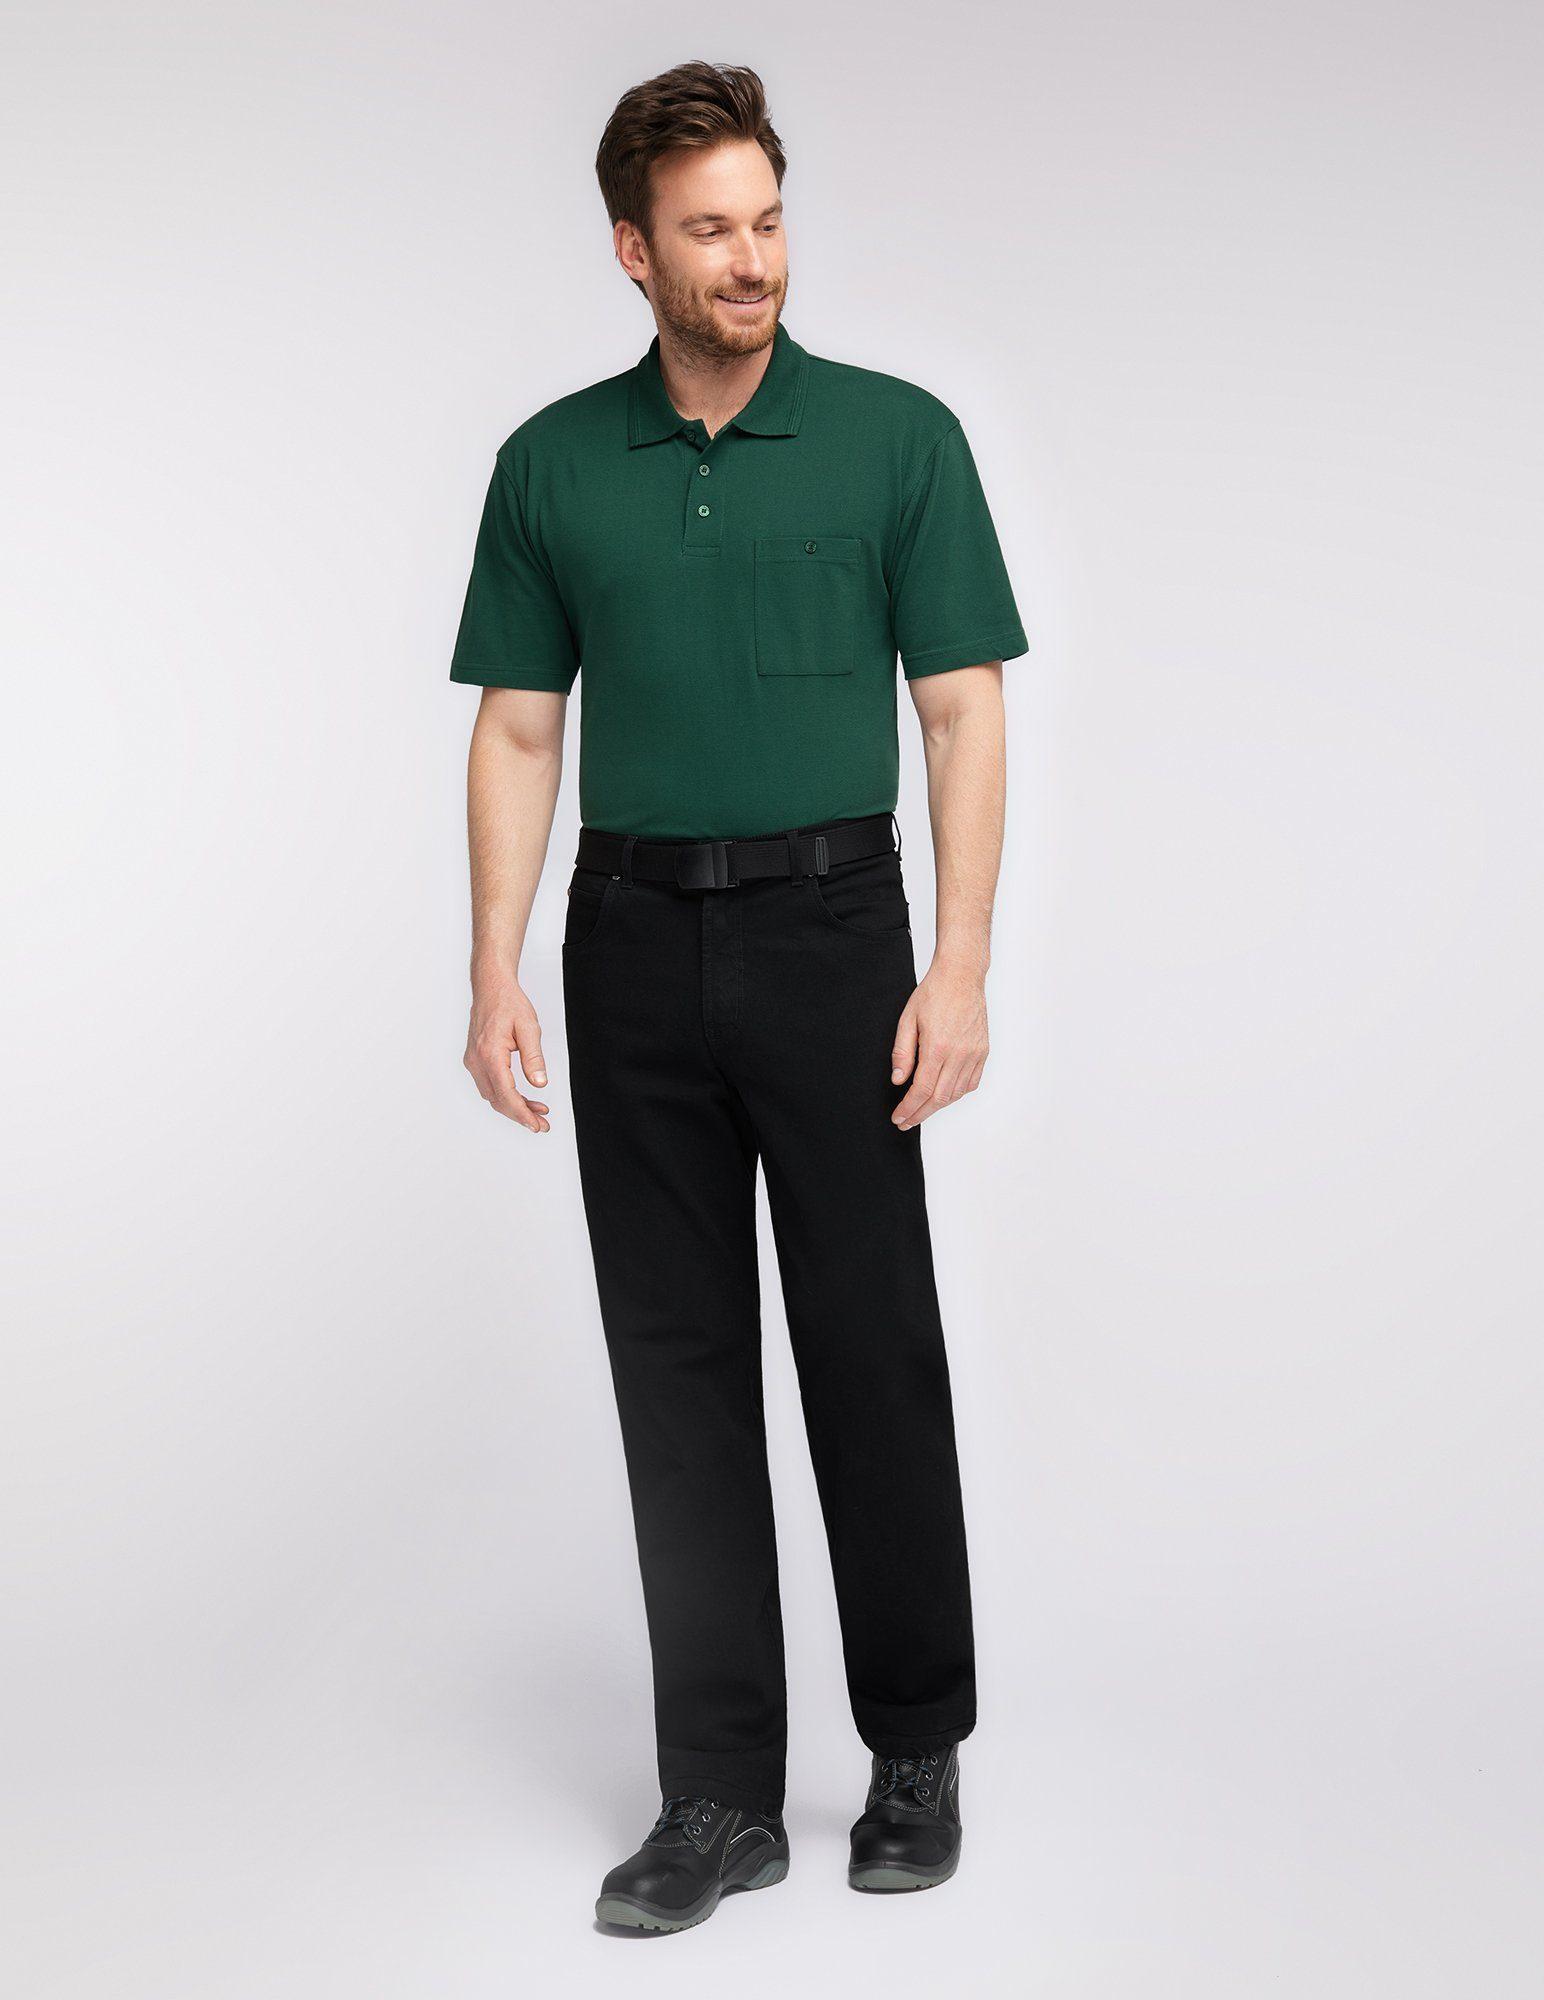 PIONIER WORKWEAR 5-Pocket-Jeans ohne Zollstocktasche | Bekleidung > Jeans > Sonstige Jeans | Pionier Workwear